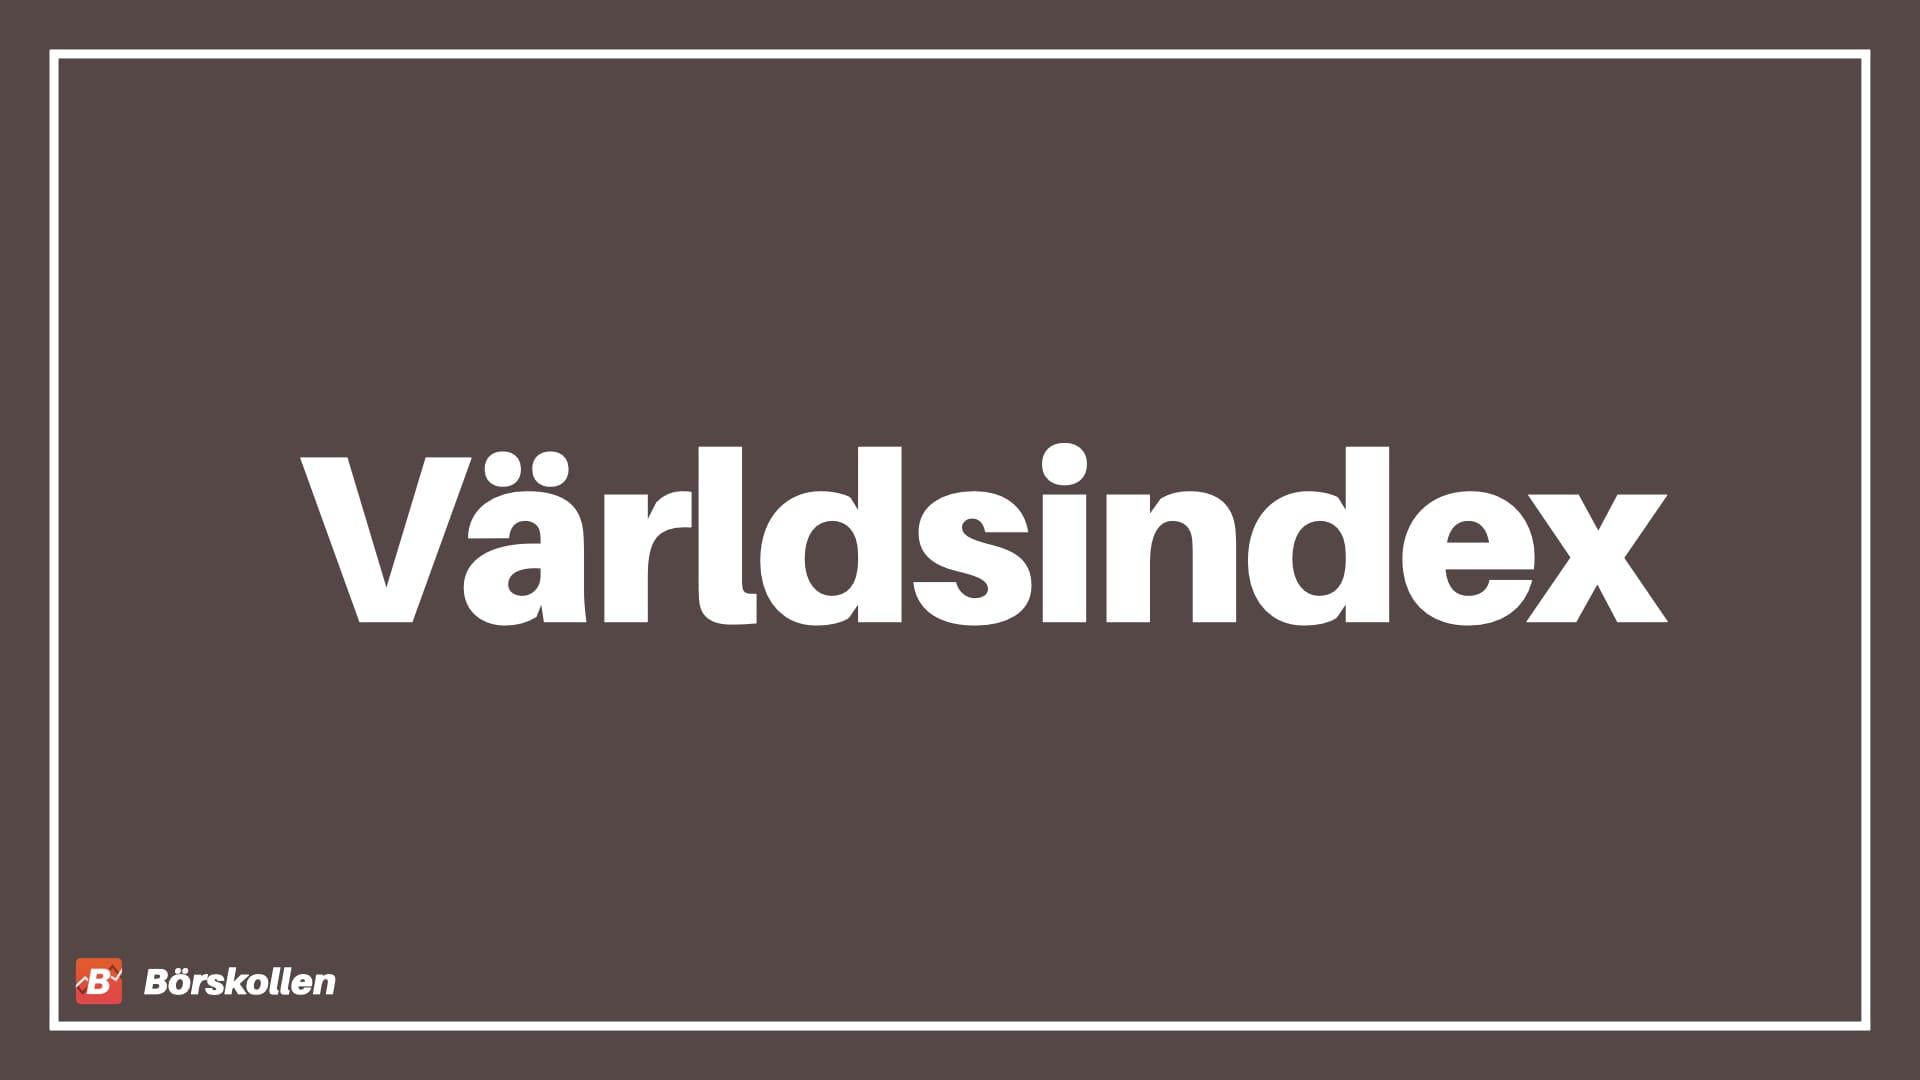 Världsindex - Vad är världsindex och vilka olika index finns det?